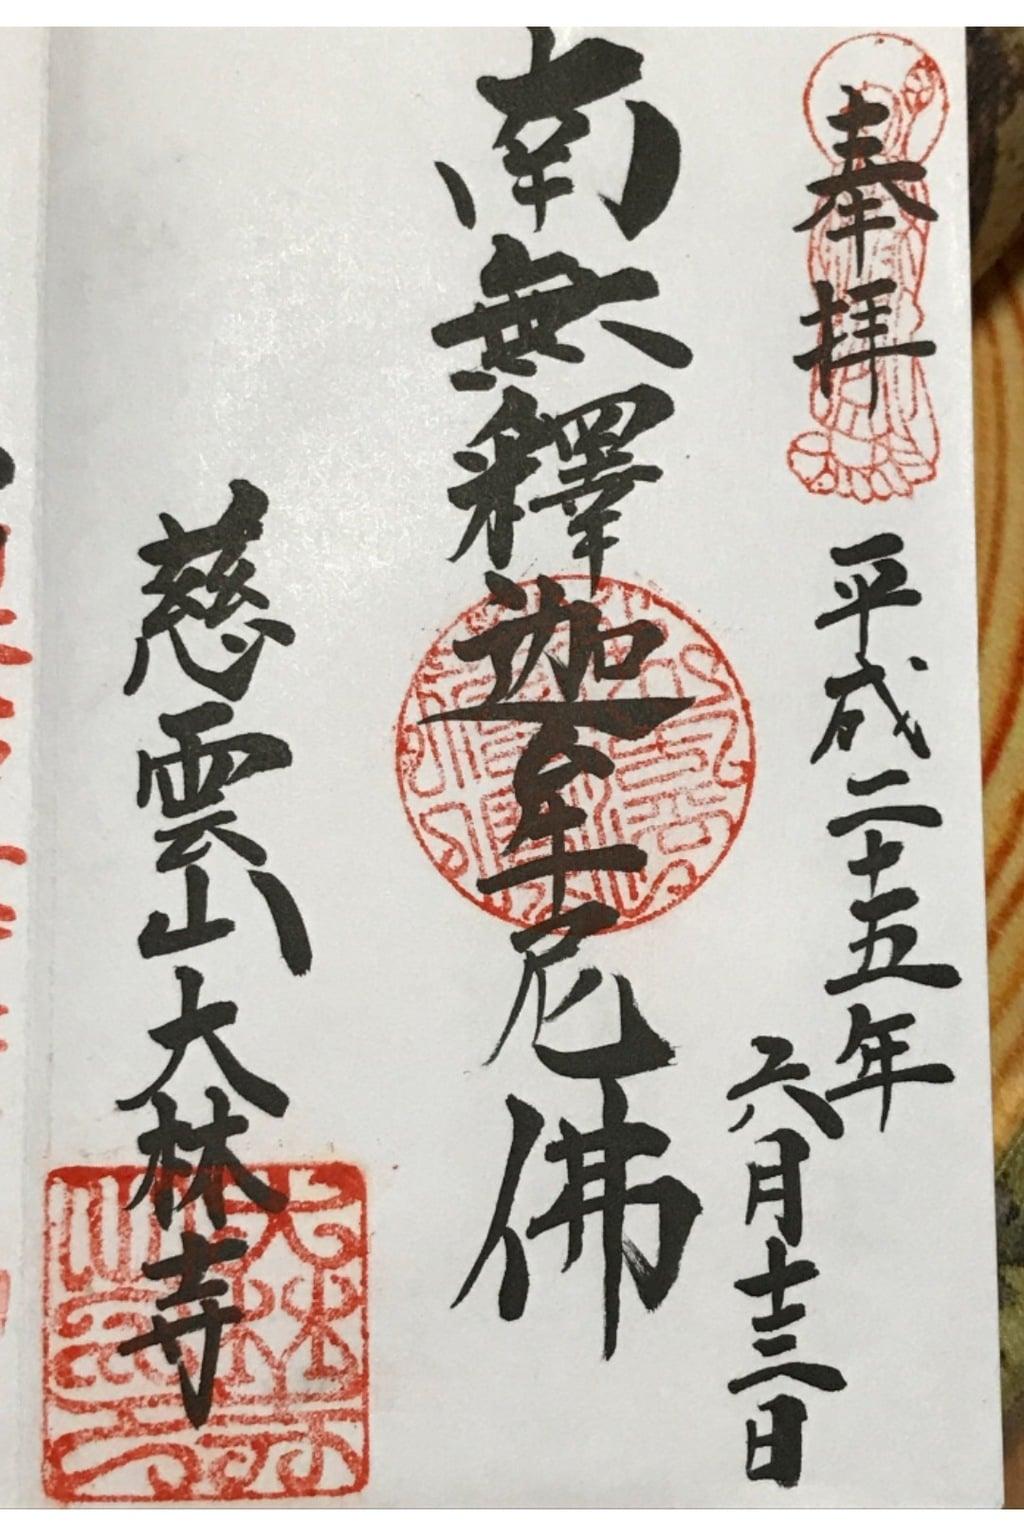 大林寺の御朱印